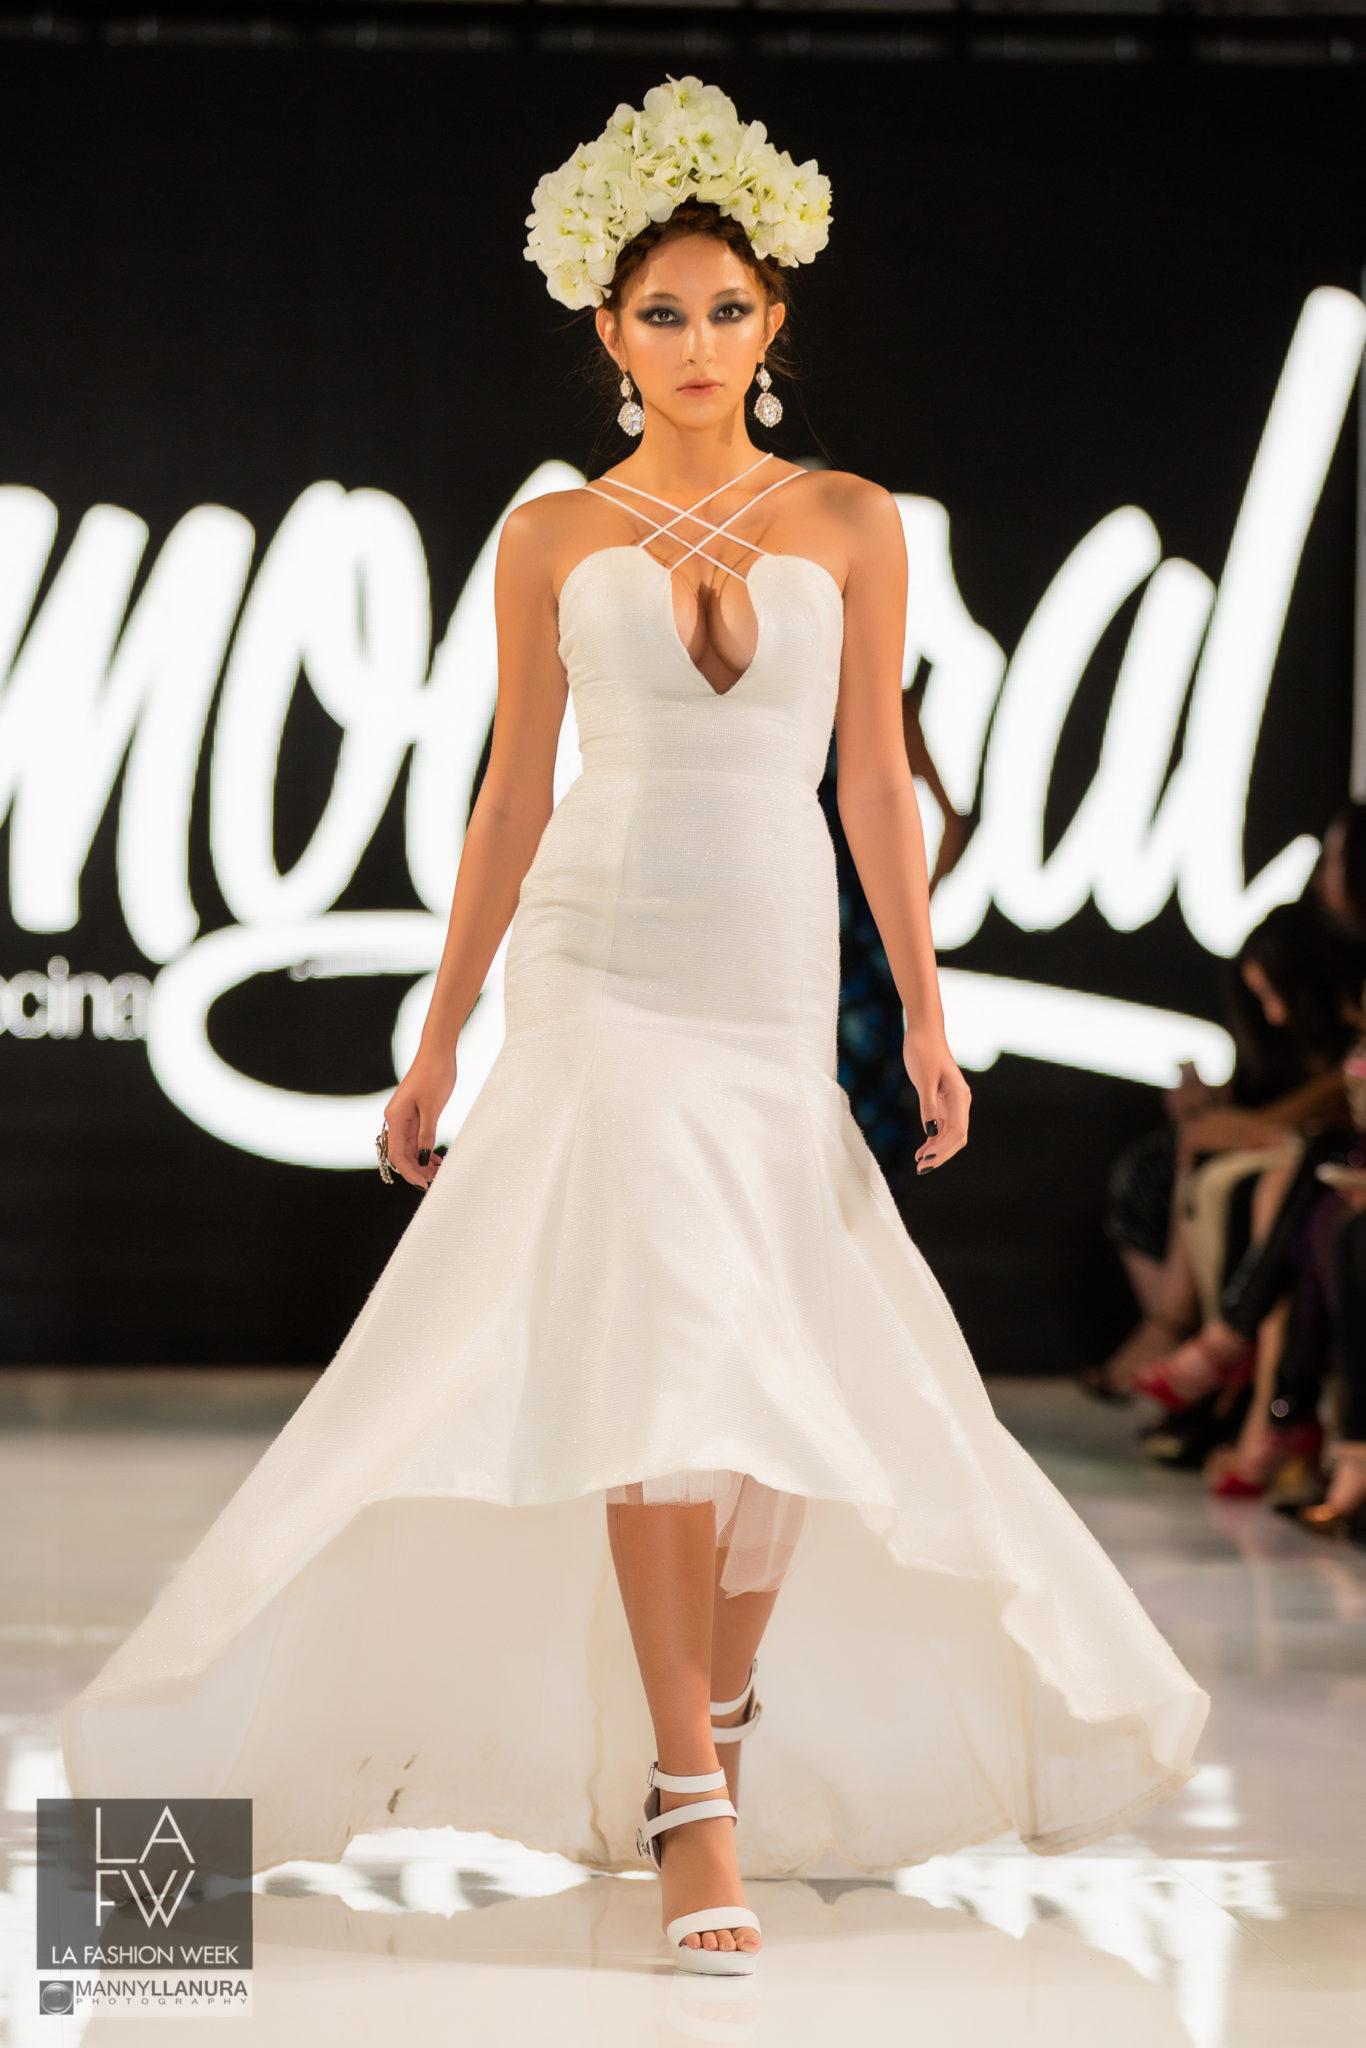 Cosmogyral runway LAFW LA Fashion Week 2016